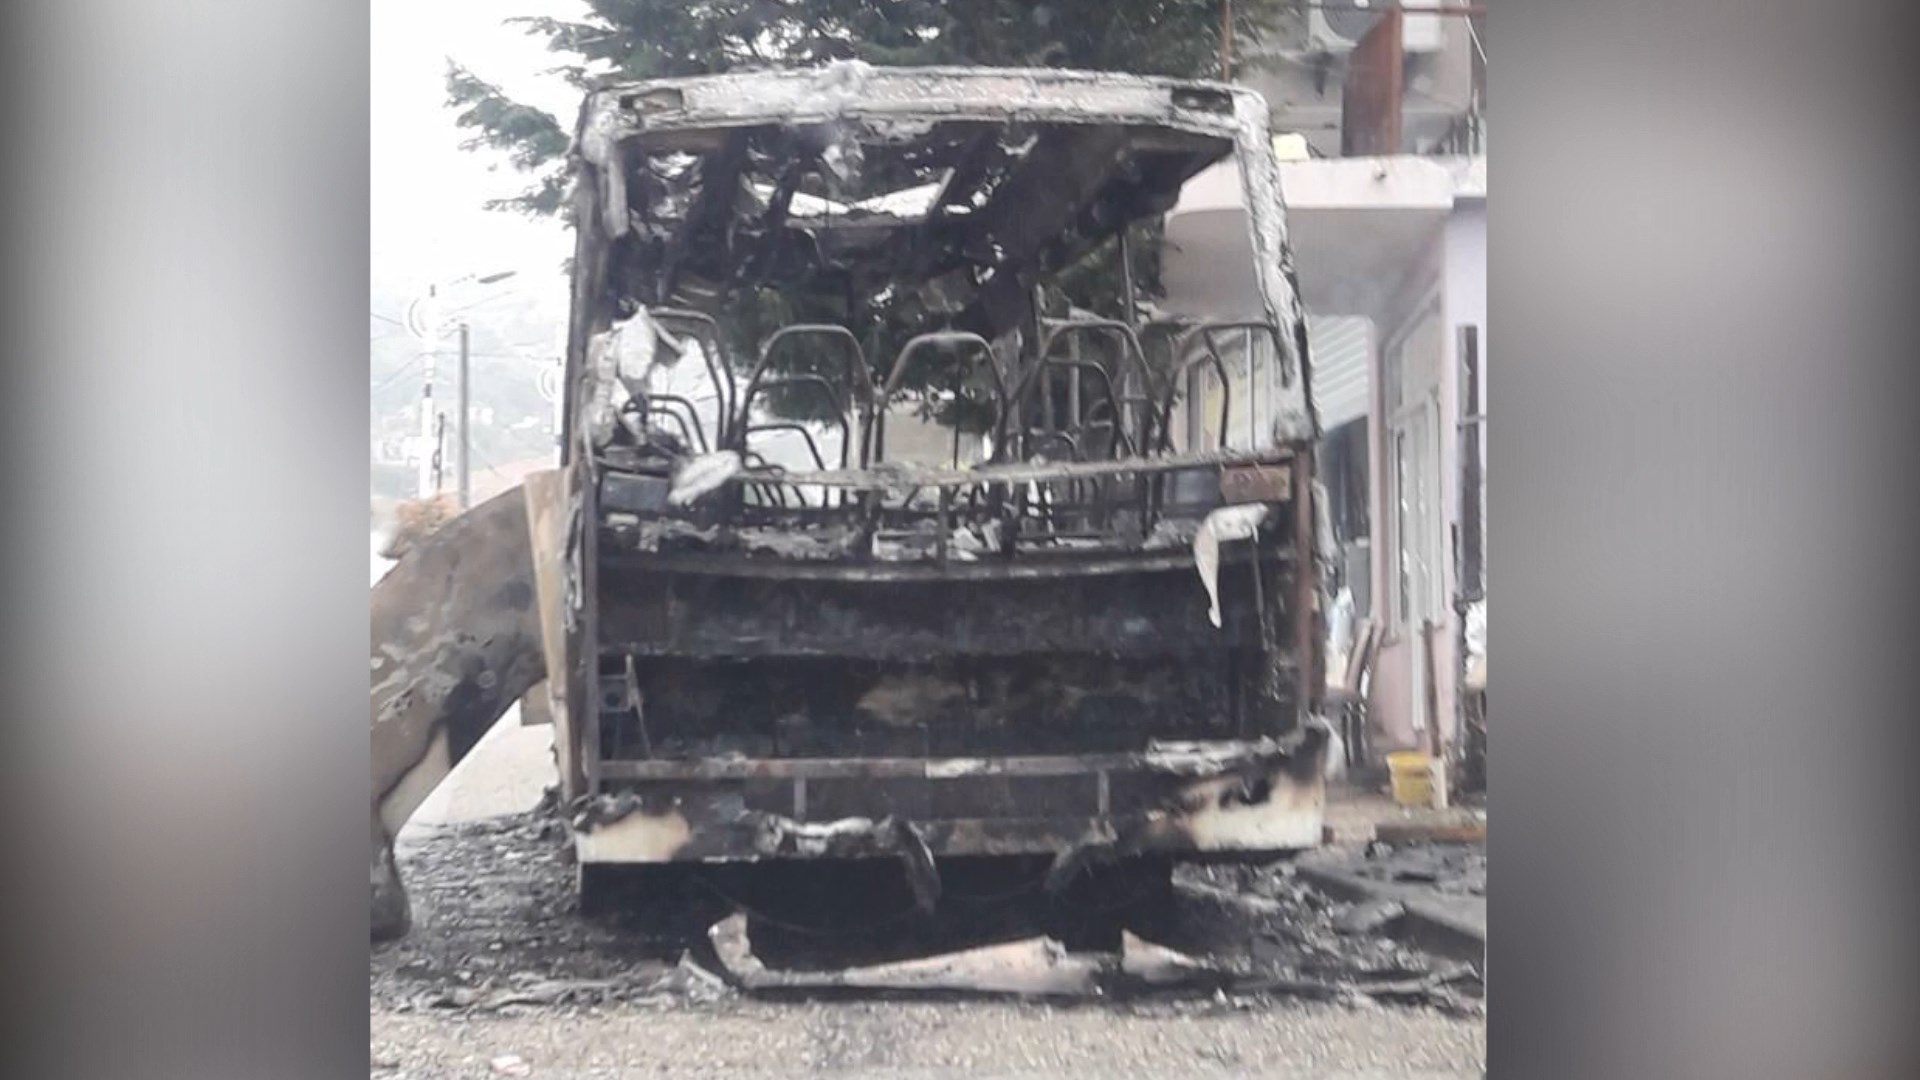 Arrestohet autori që i vuri flakën autobusit në Konispol